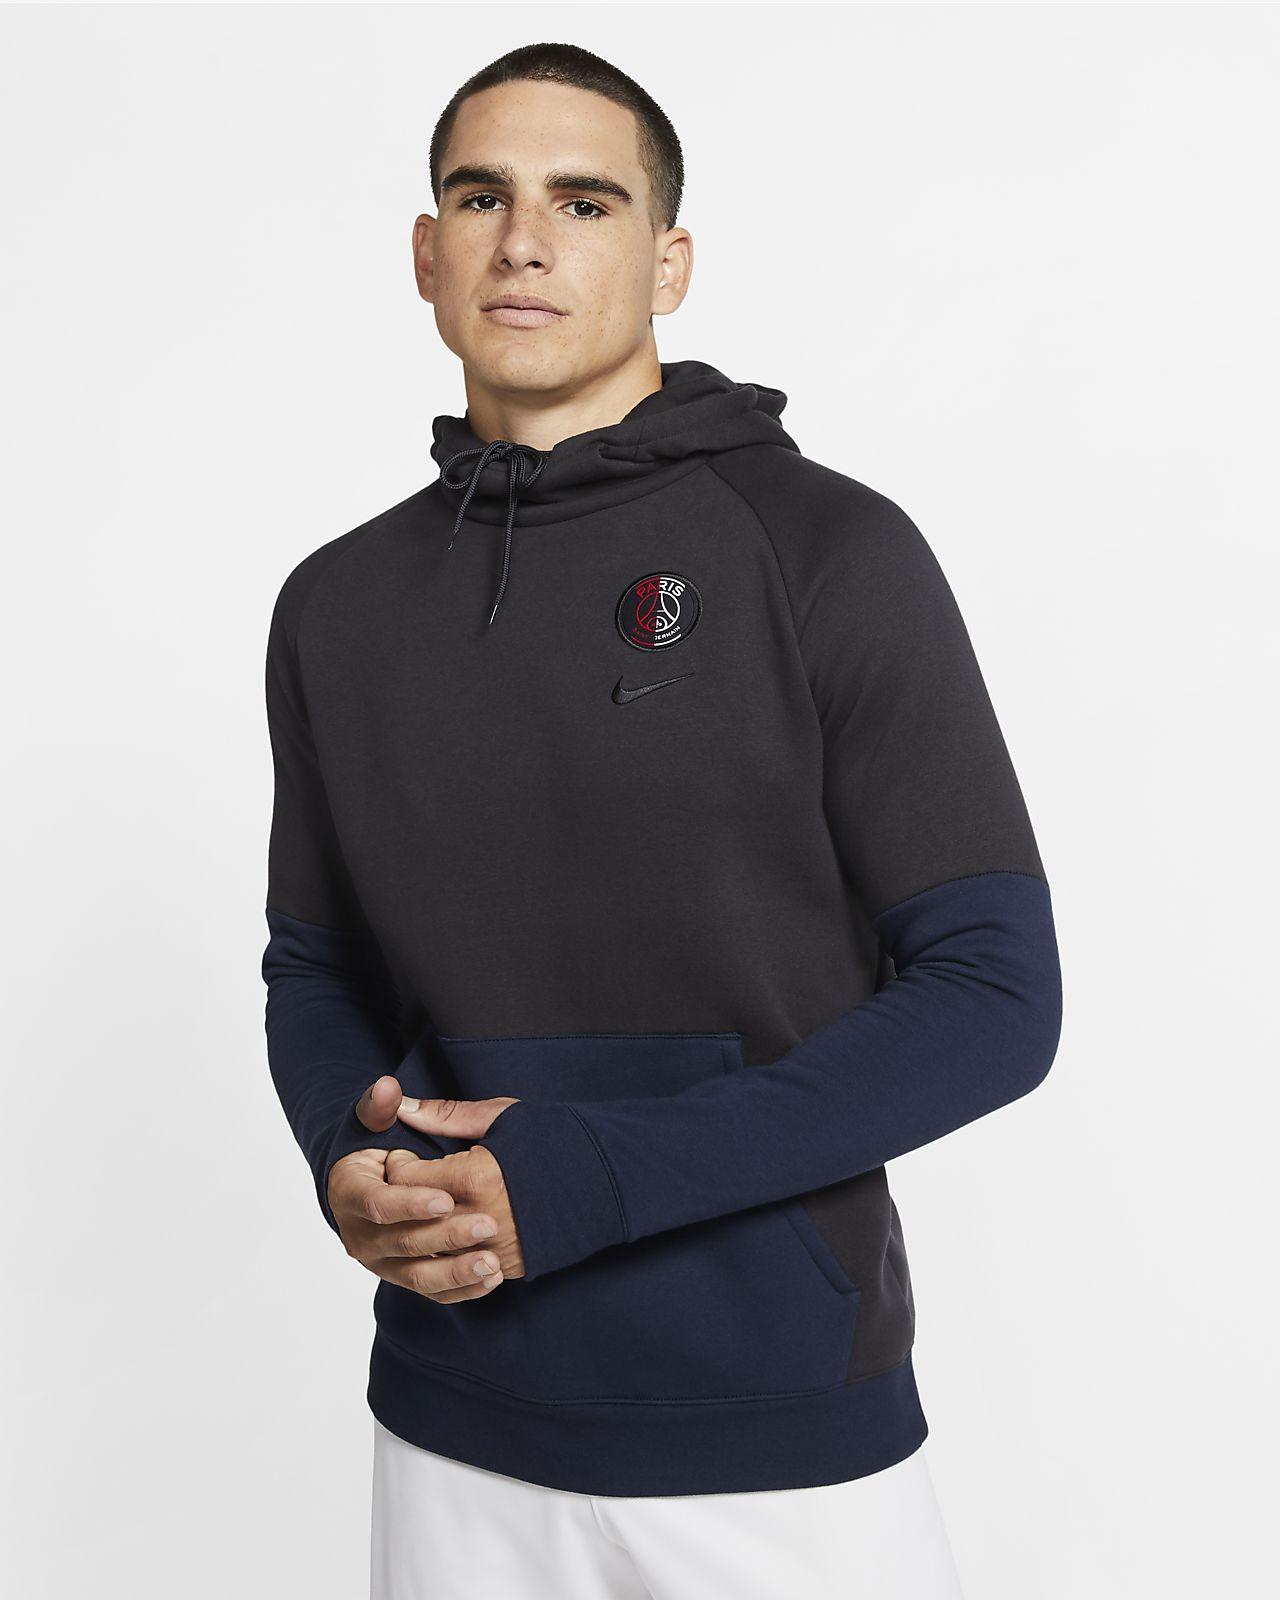 Felpa pullover in fleece con cappuccio Paris Saint-Germain - Uomo